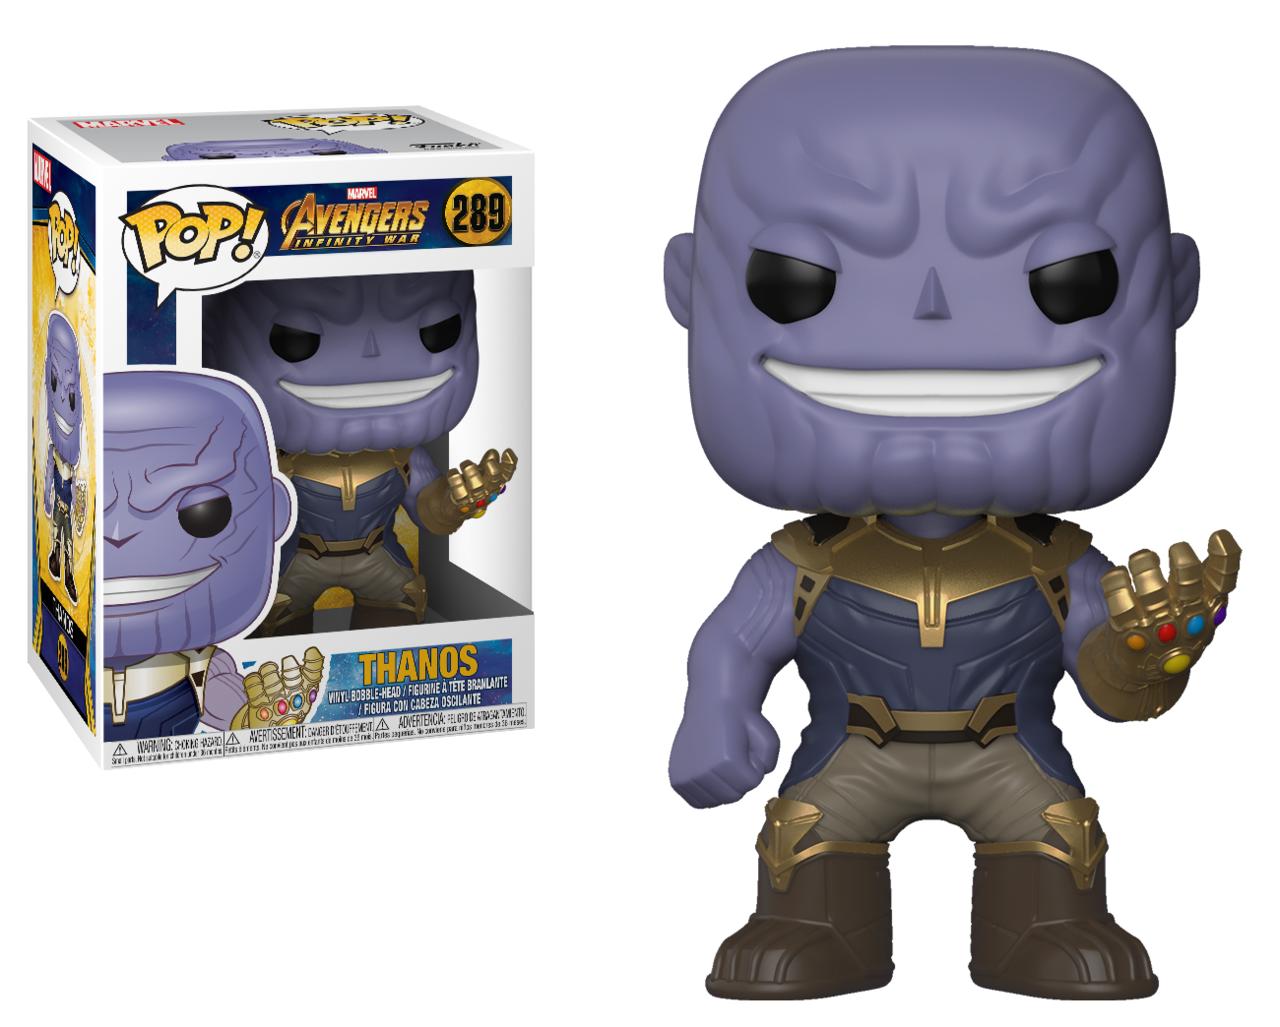 WORST: Smiling Thanos (289)